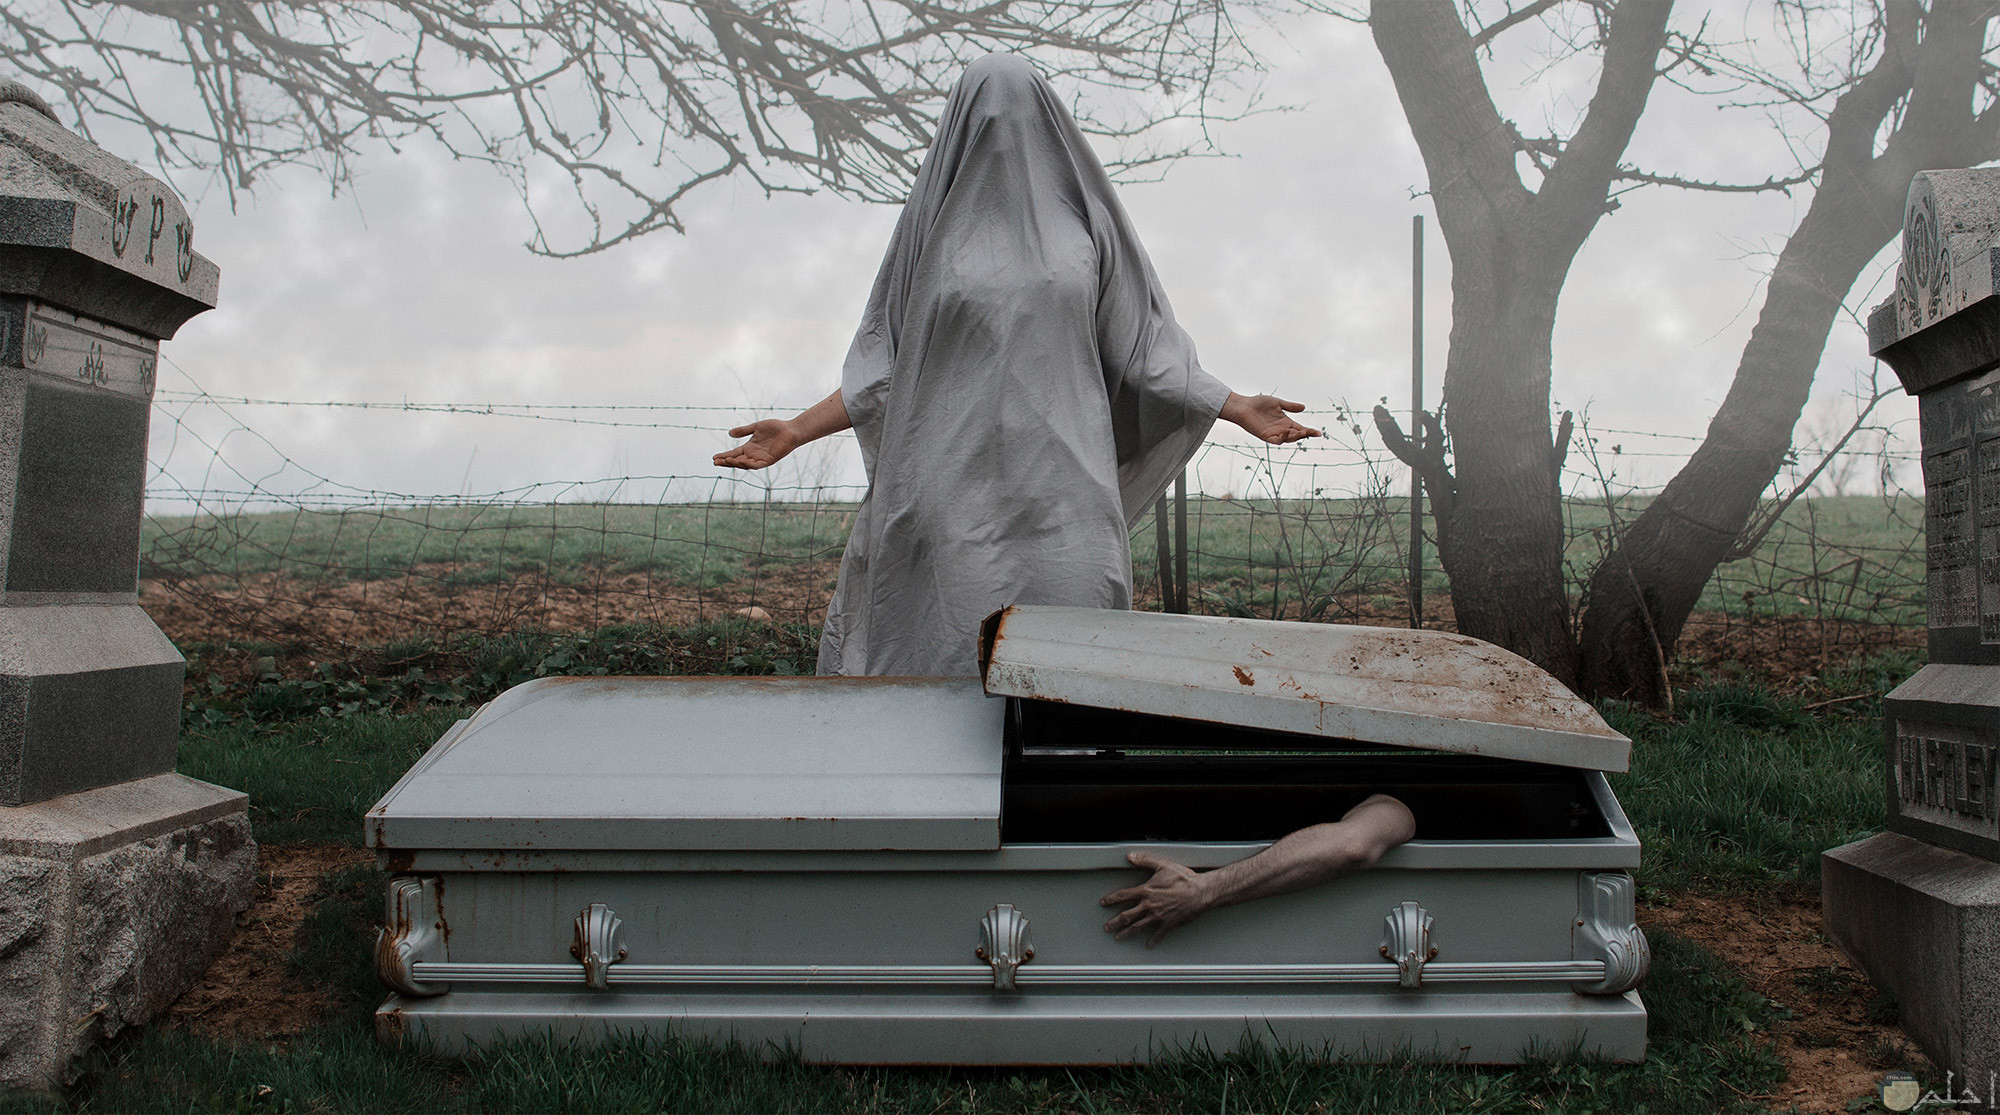 تابوت به ميت وشخص اخر واقف لا يوجد له ملامح